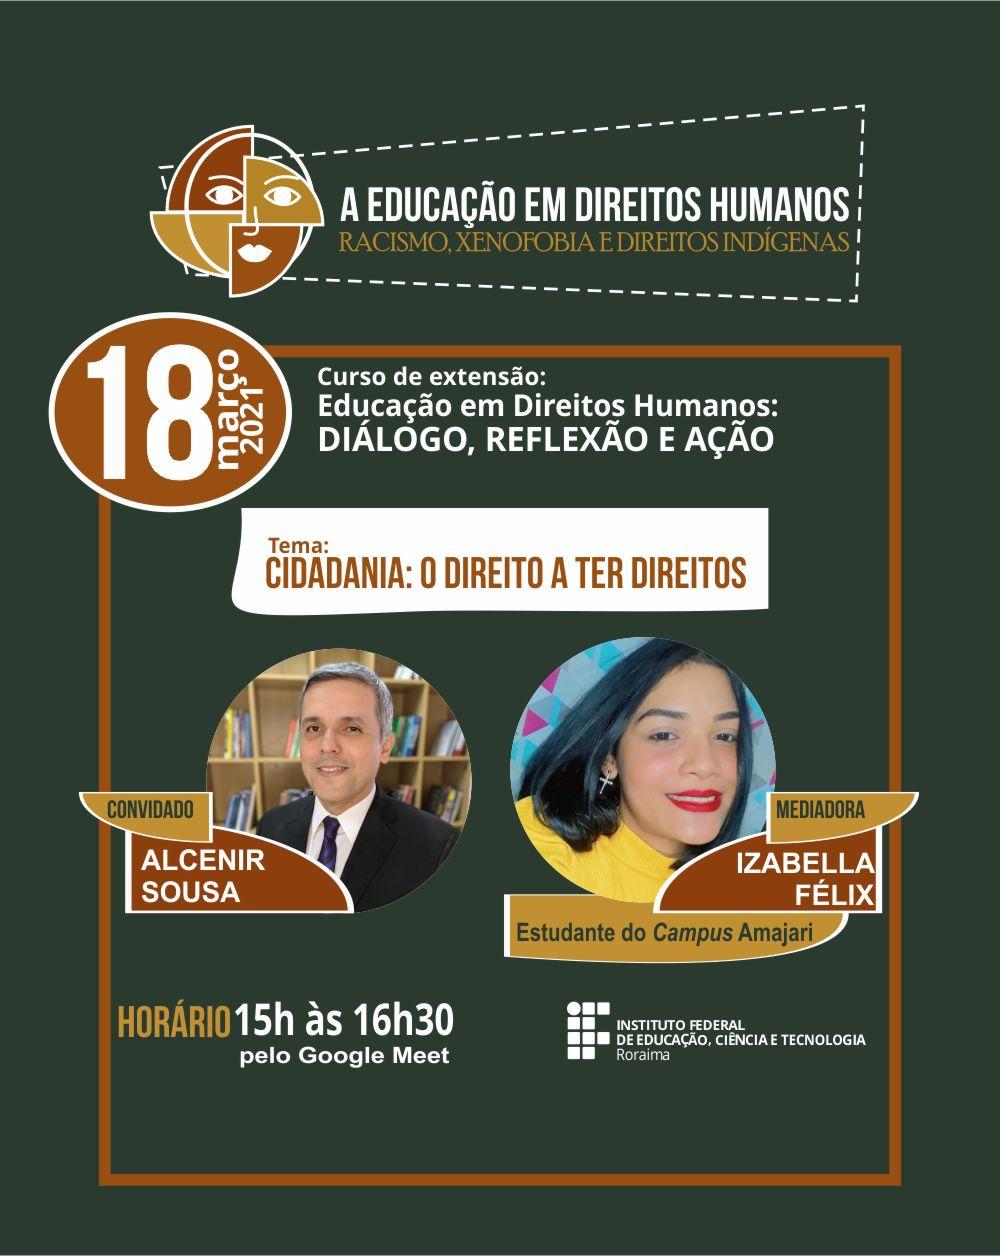 Curso do IFRR/Amajari sobre direitos humanos inicia-se nesta quinta, 18